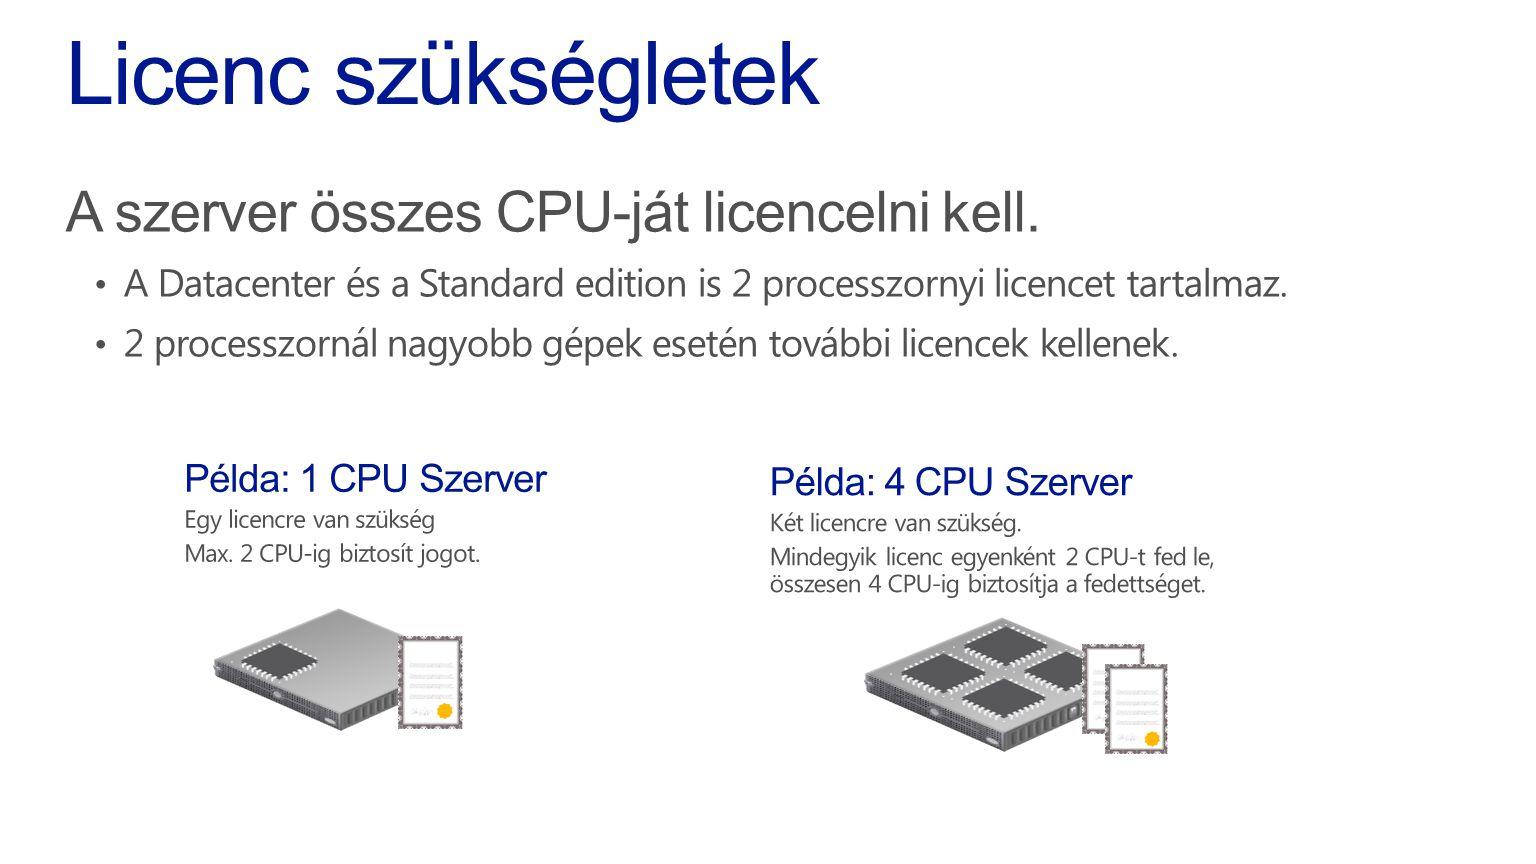 ESX srv1 SAN/Storage ESX srv5 A) 3 db B) 5 db C) 15 db Windows Server 2012 Standard virtuális gépek Négy fizikai gép kiesésével számolunk, tehát bármely gépen futhat egy időpillanatban 5 virtuális gép